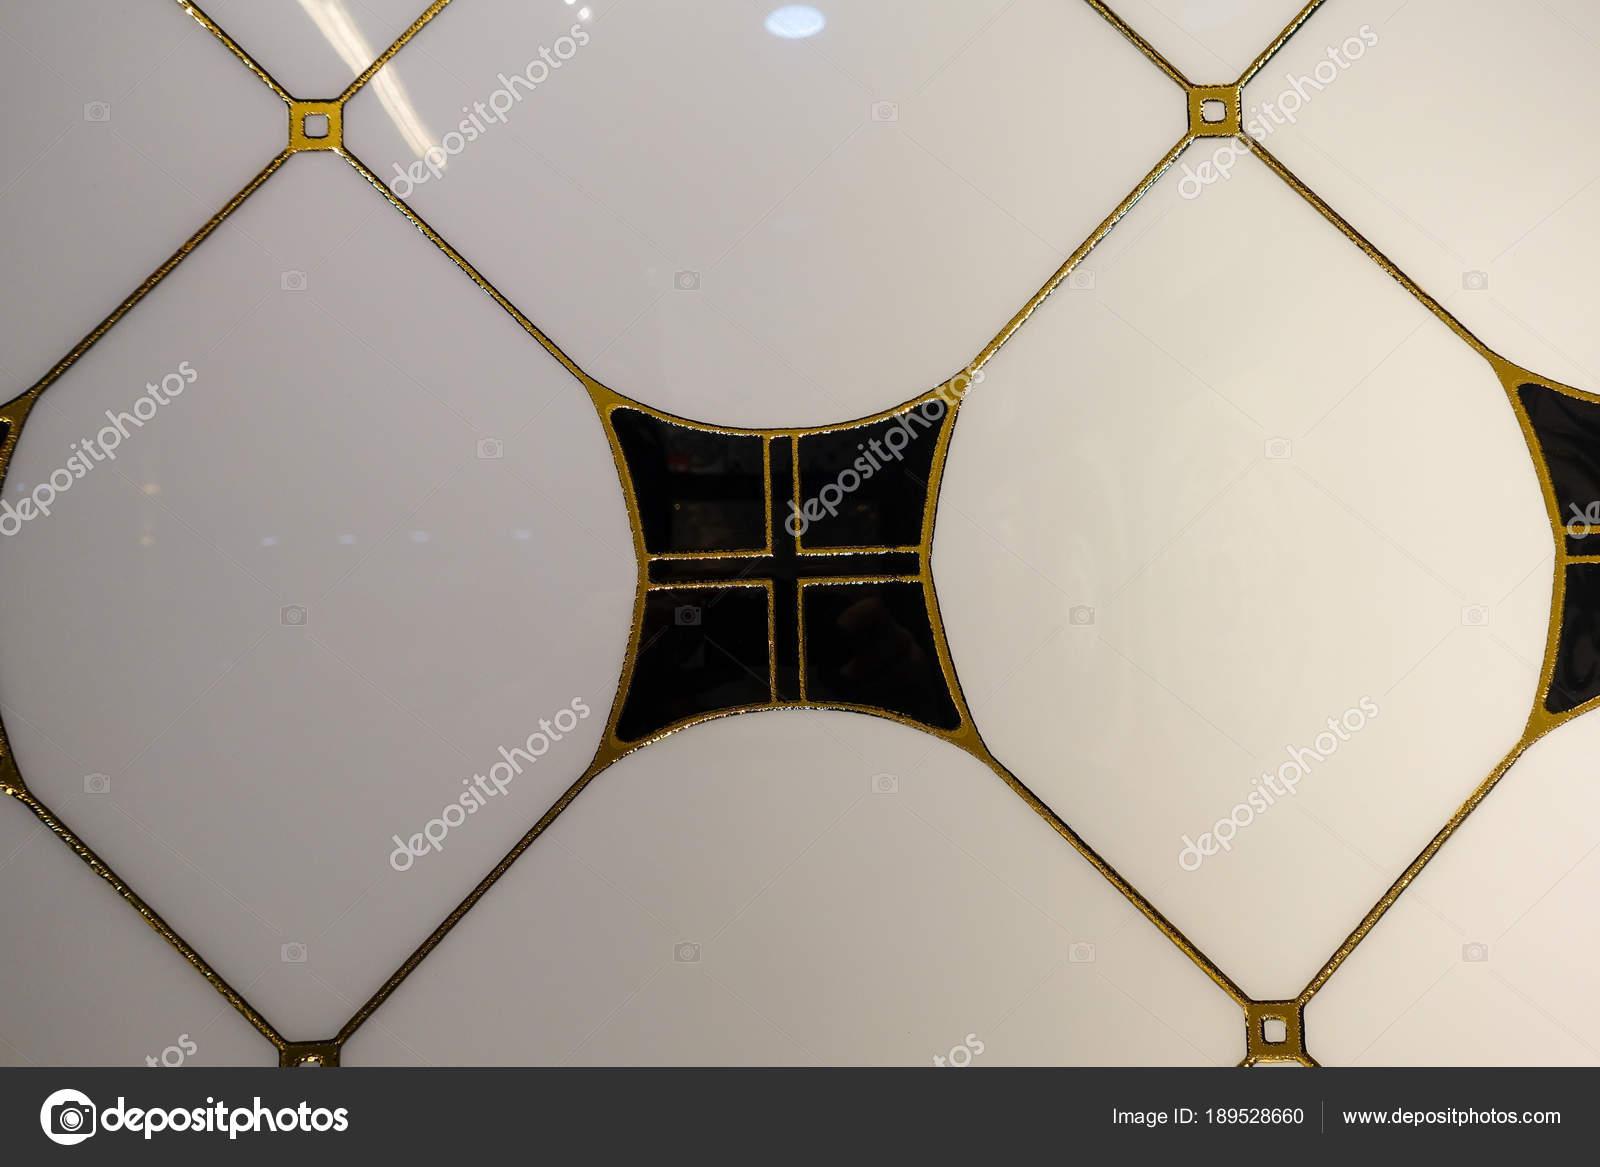 Disegni piastrelle decorazione domestica u foto stock omeryontar